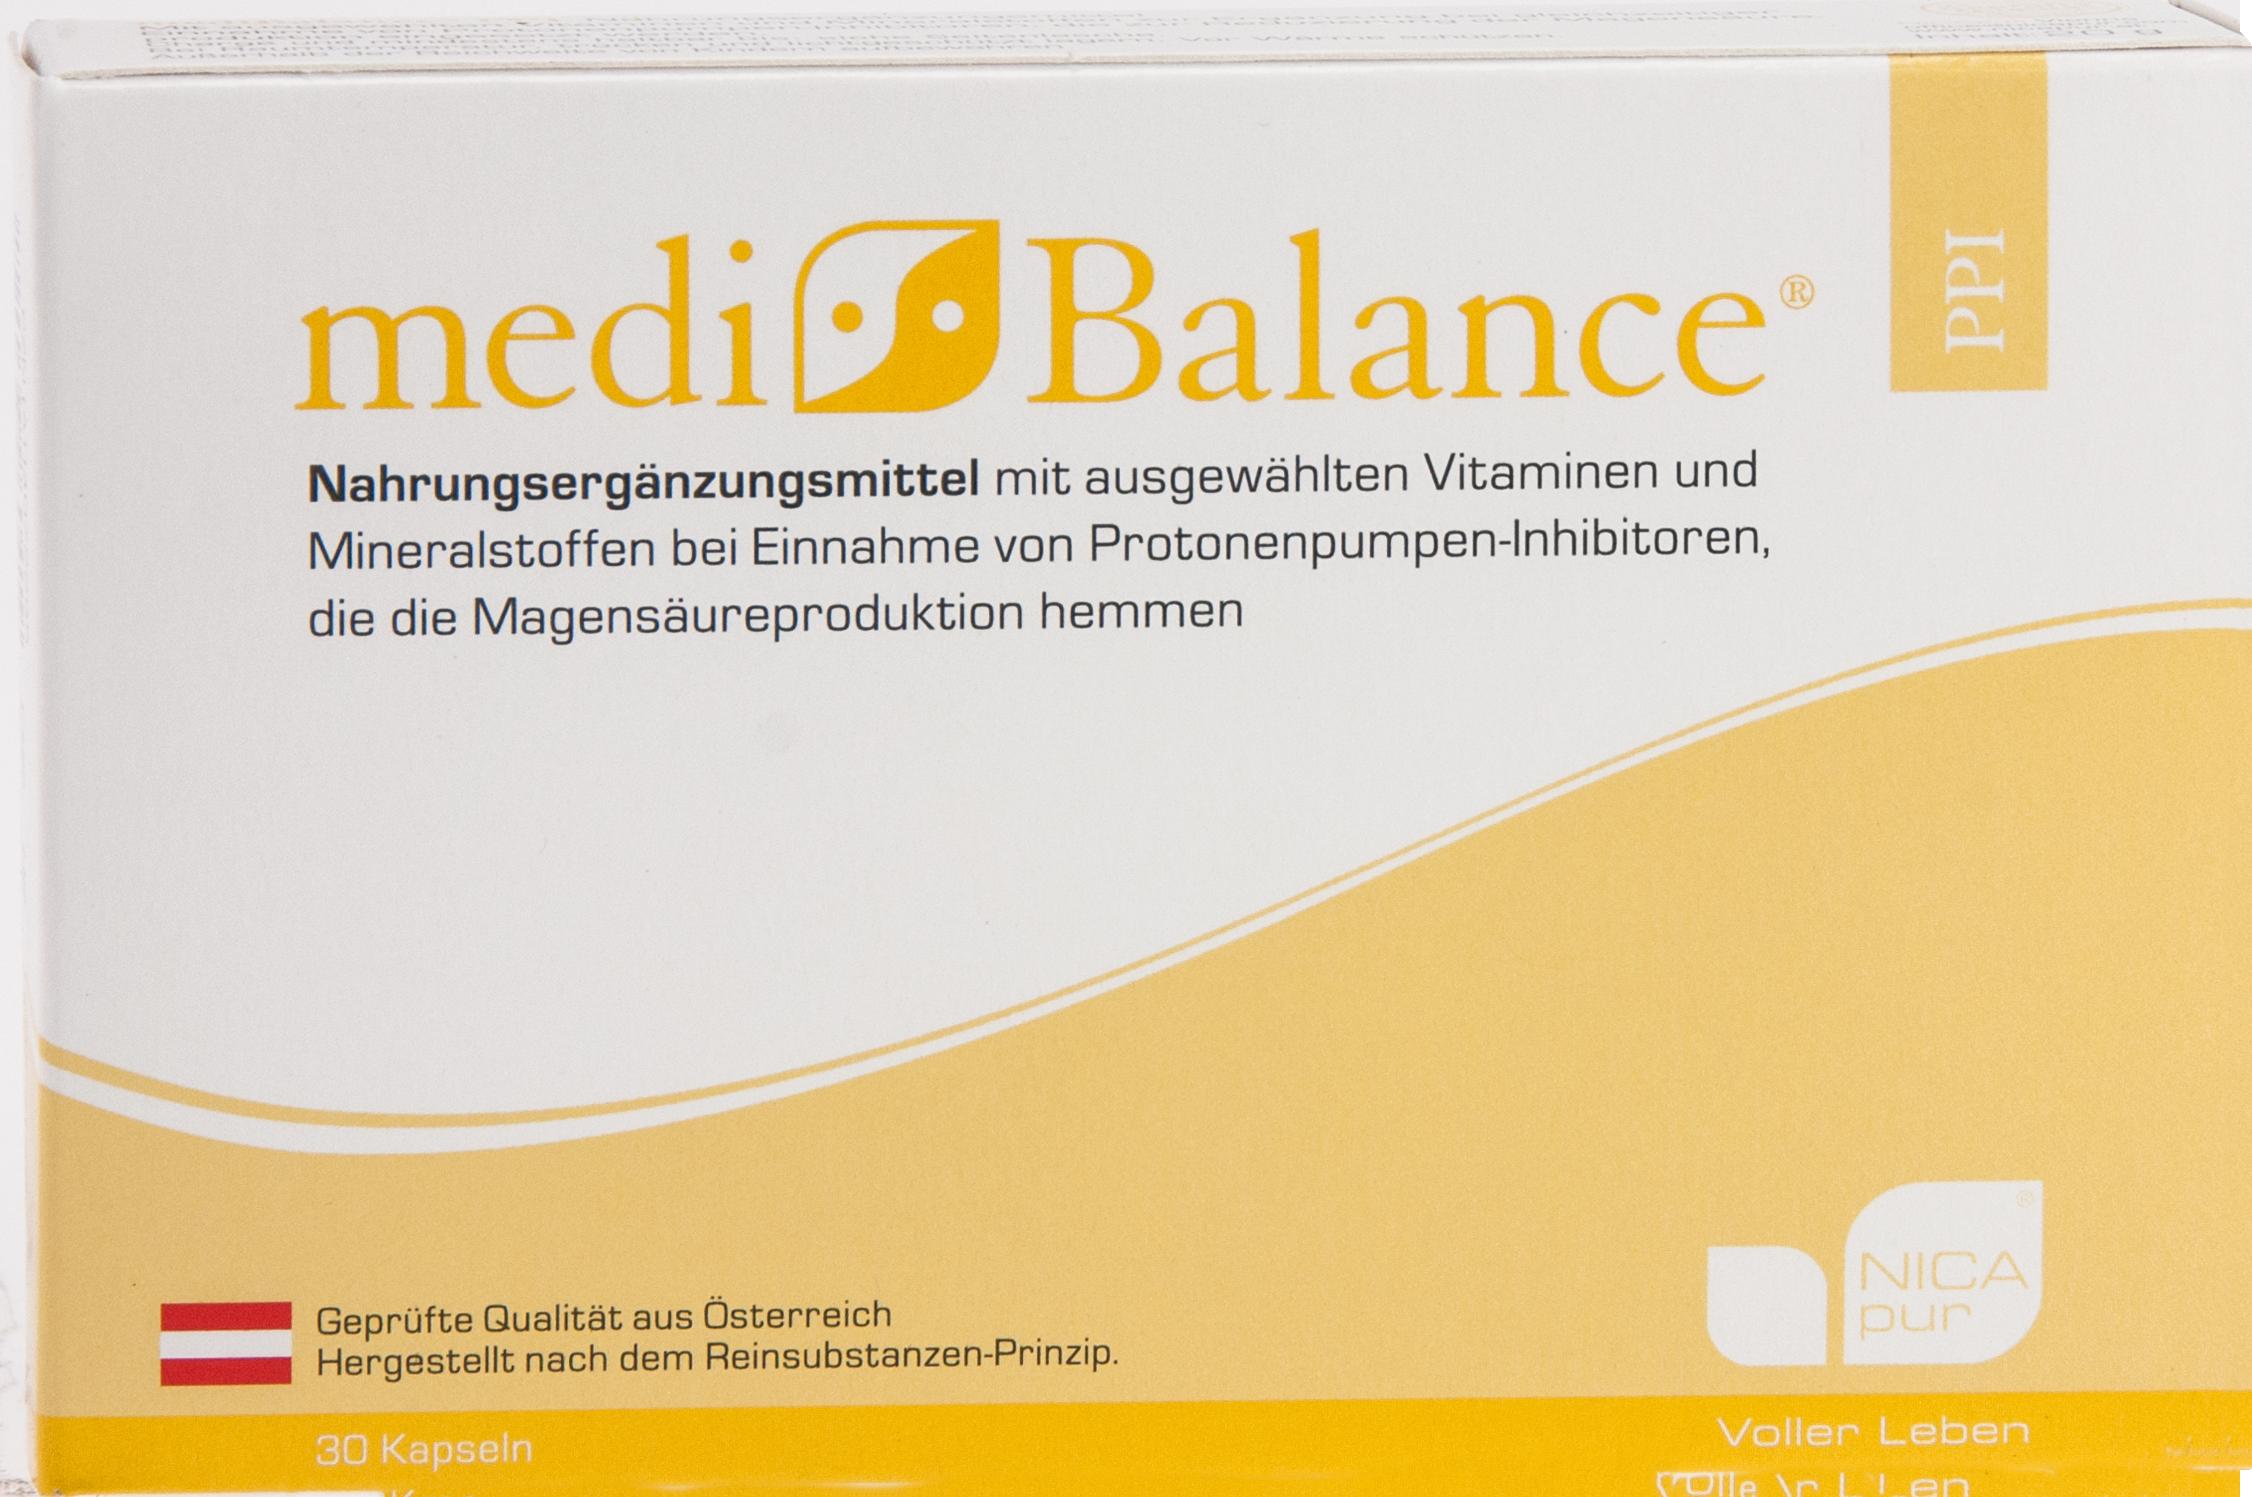 NICApur Medibalance PPI